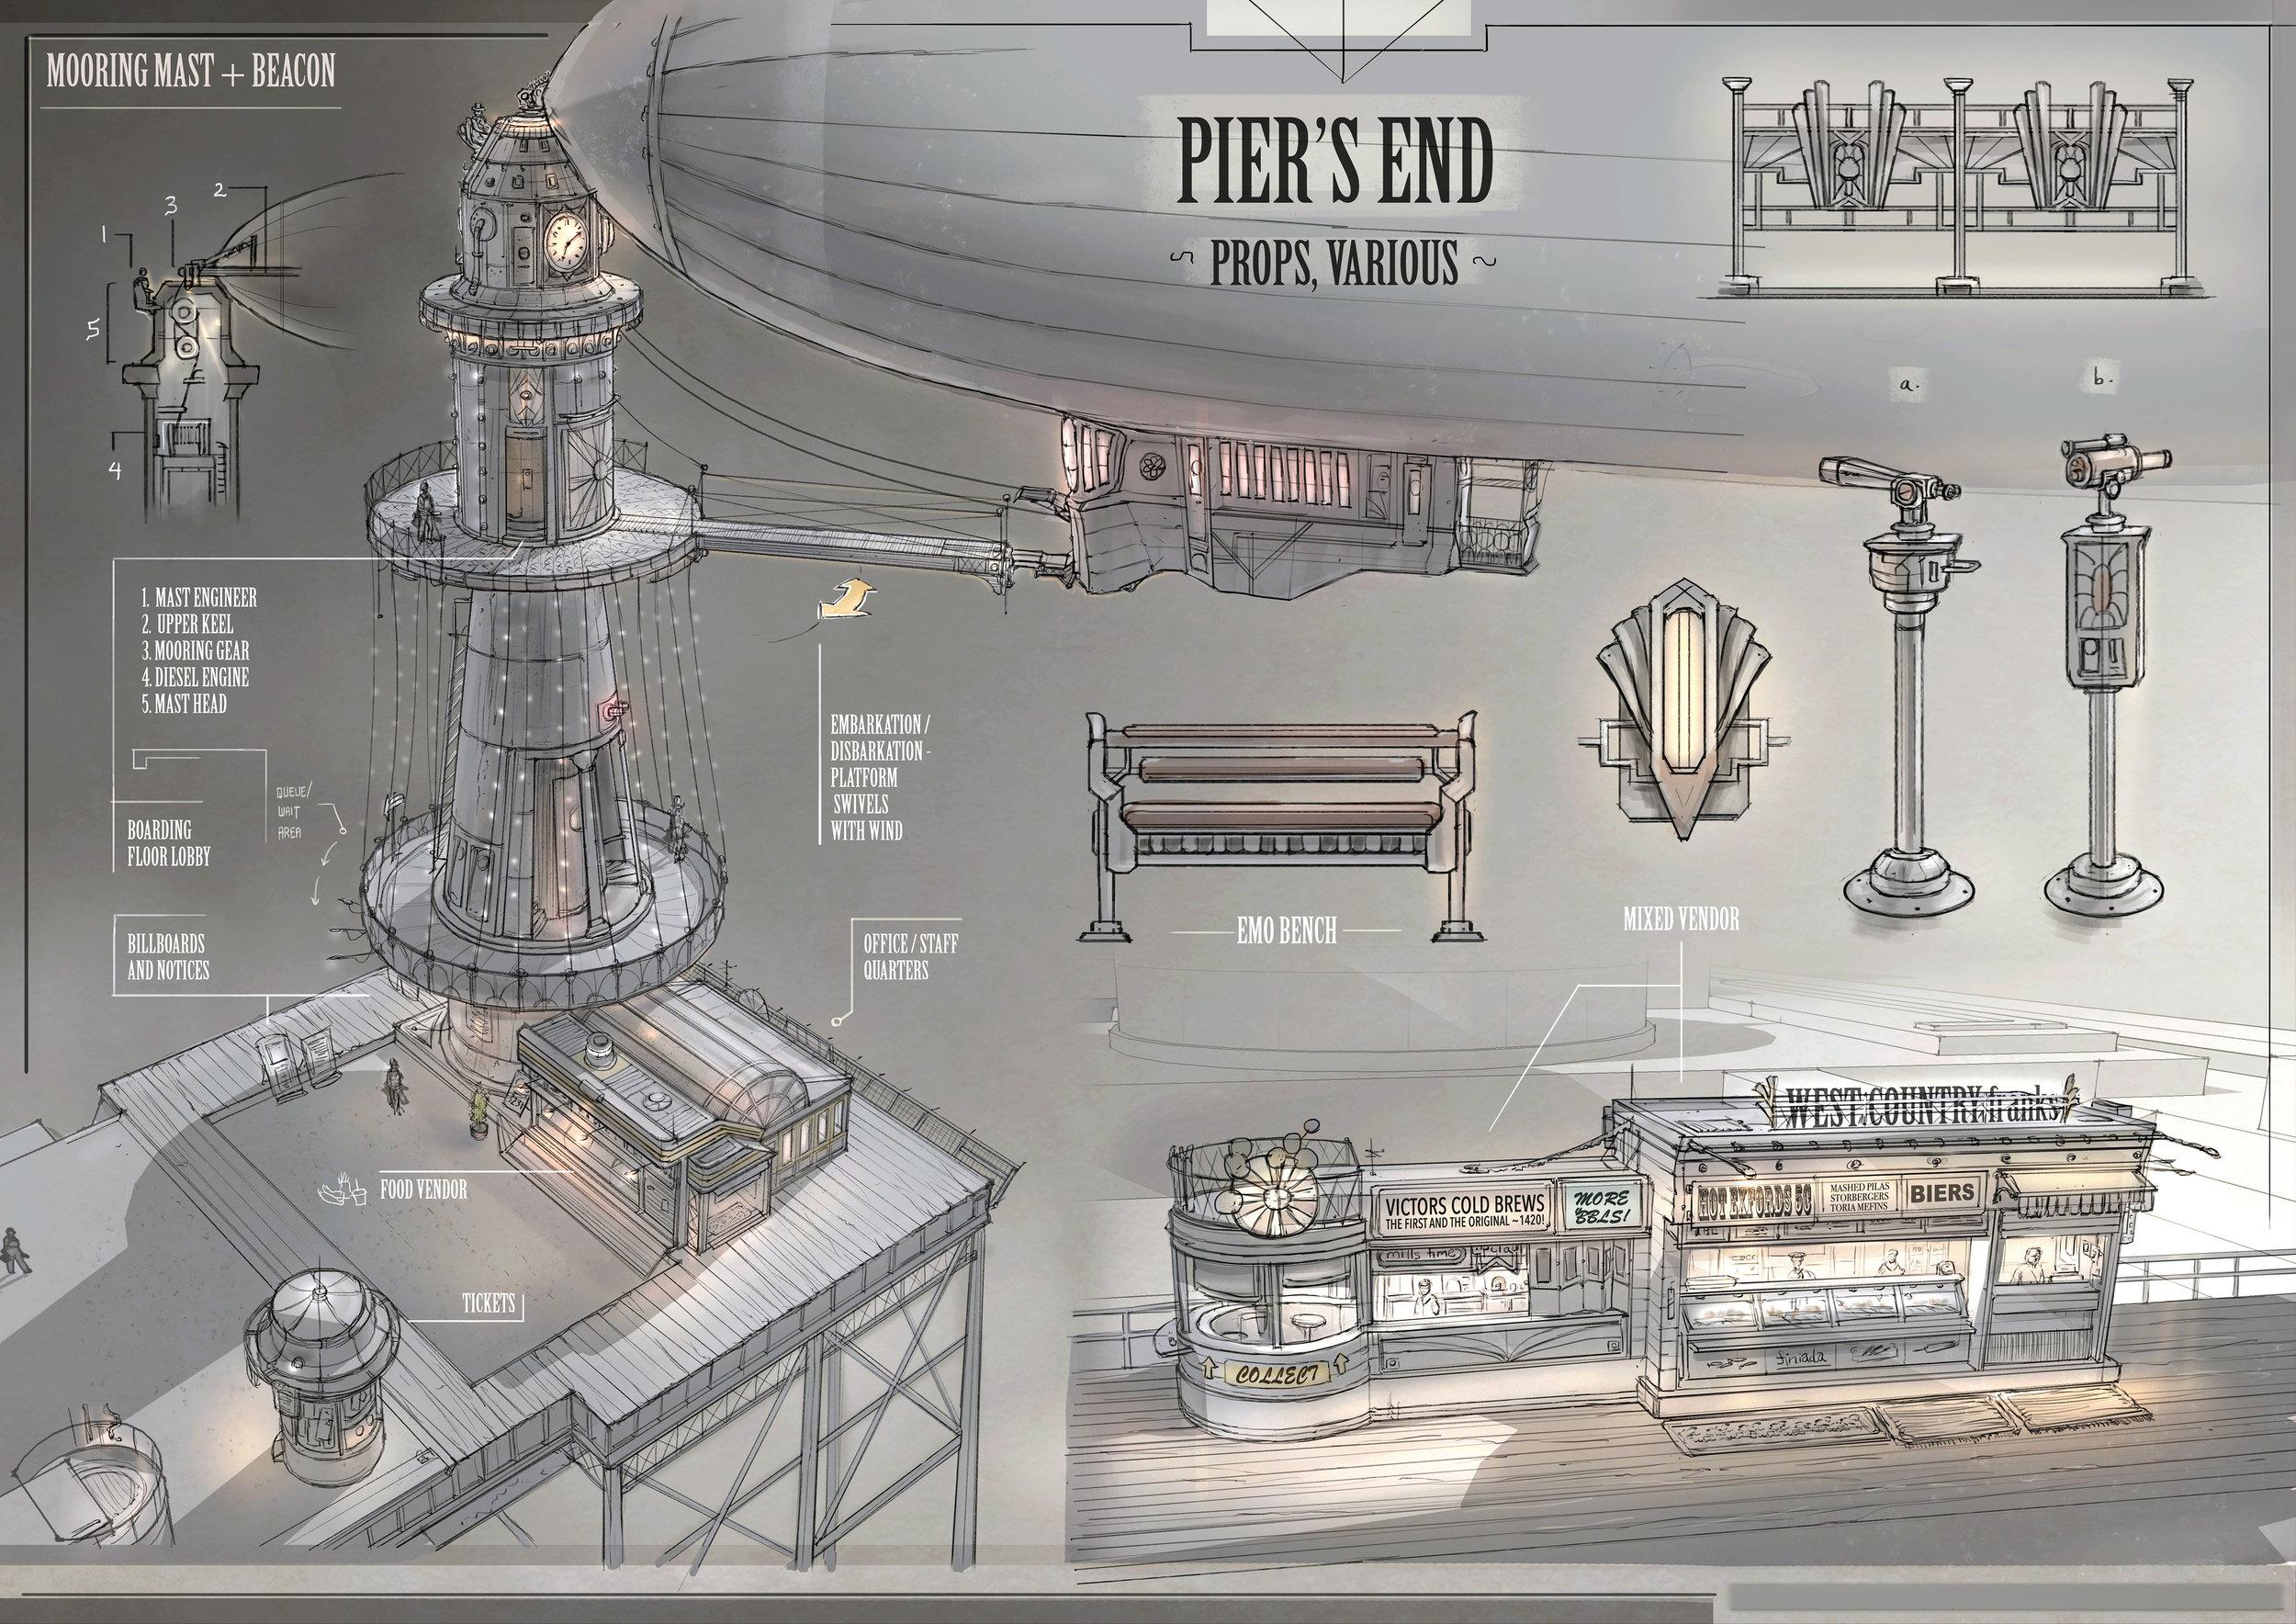 Pier's End - various props